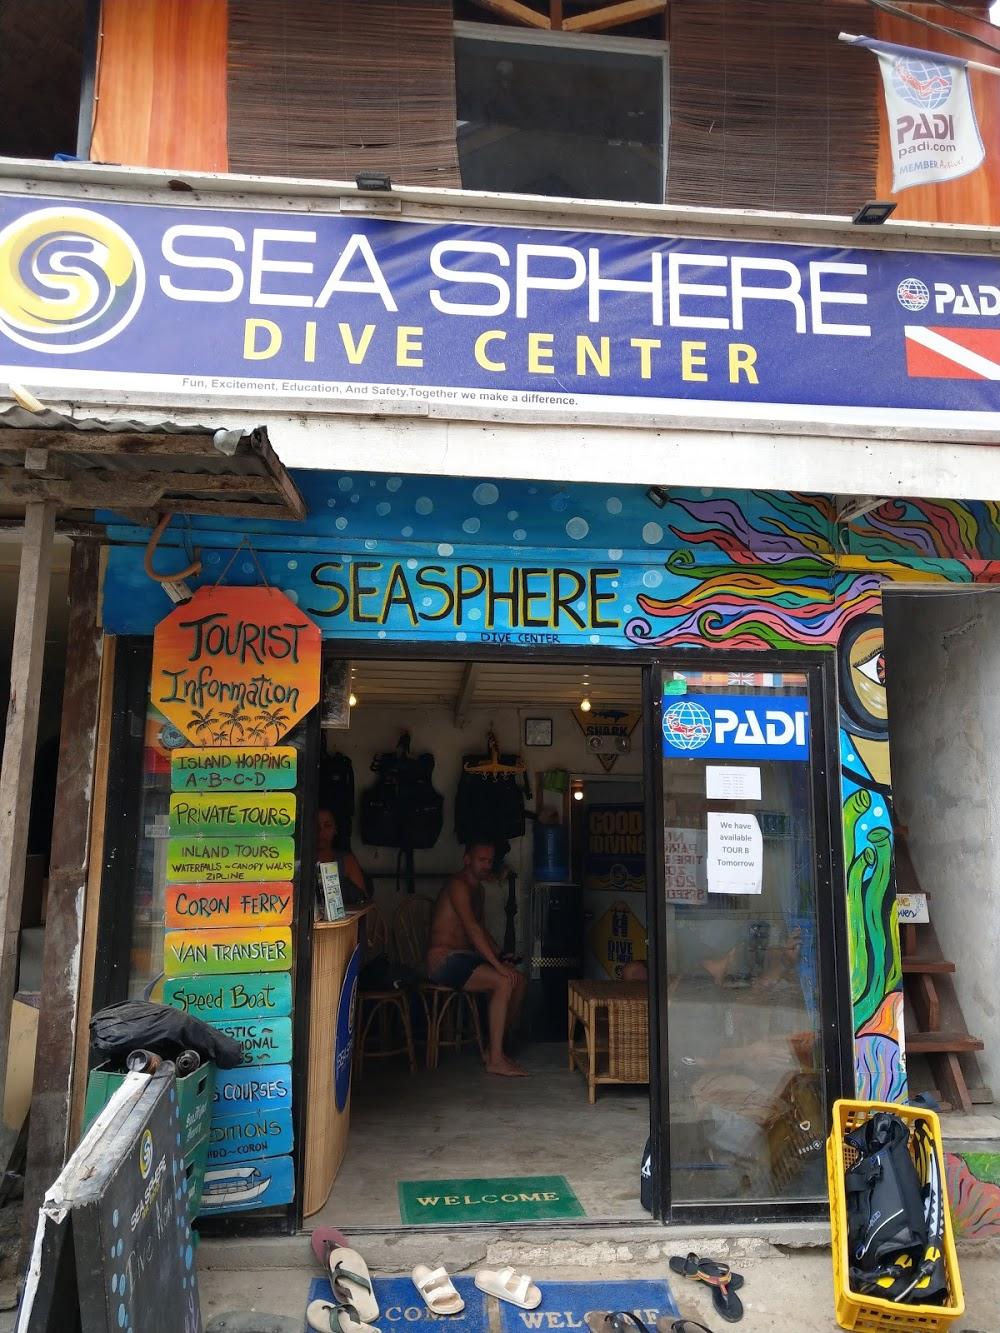 SEA SPHERE DIVE CENTER